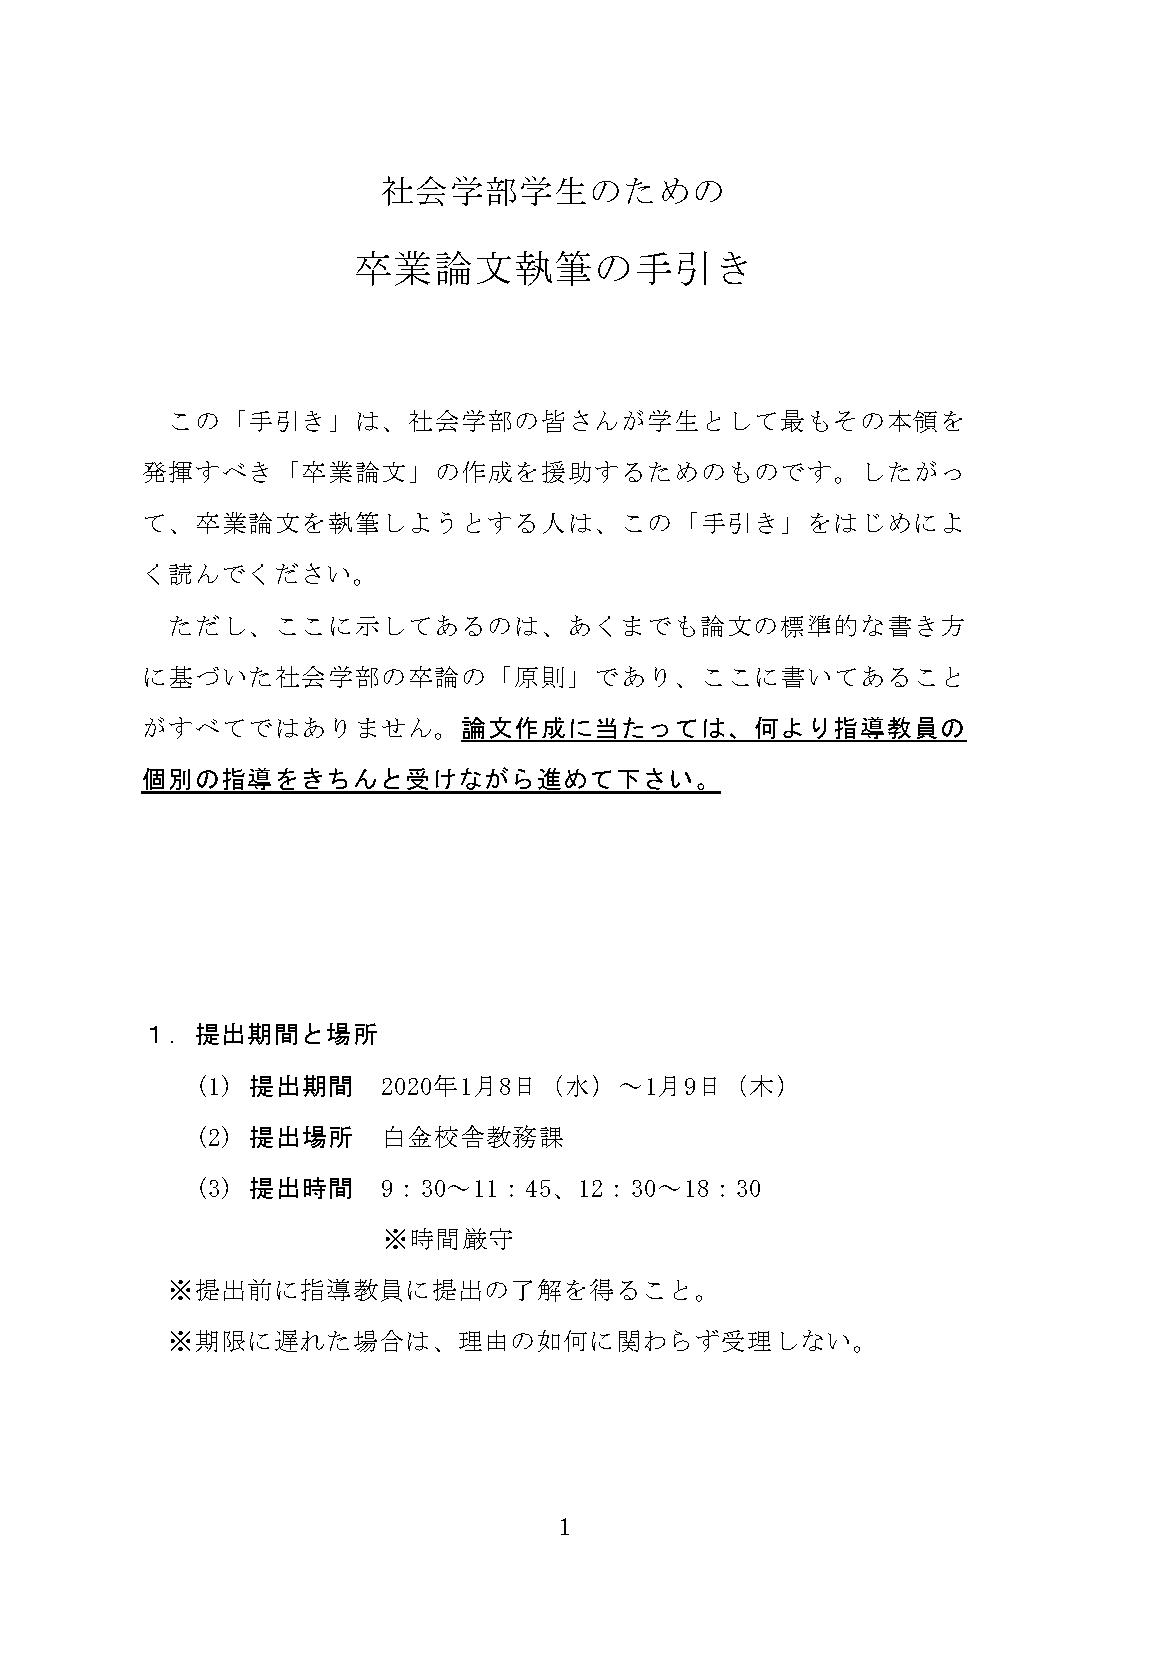 社会学部学生のための卒業論文執筆の手引き